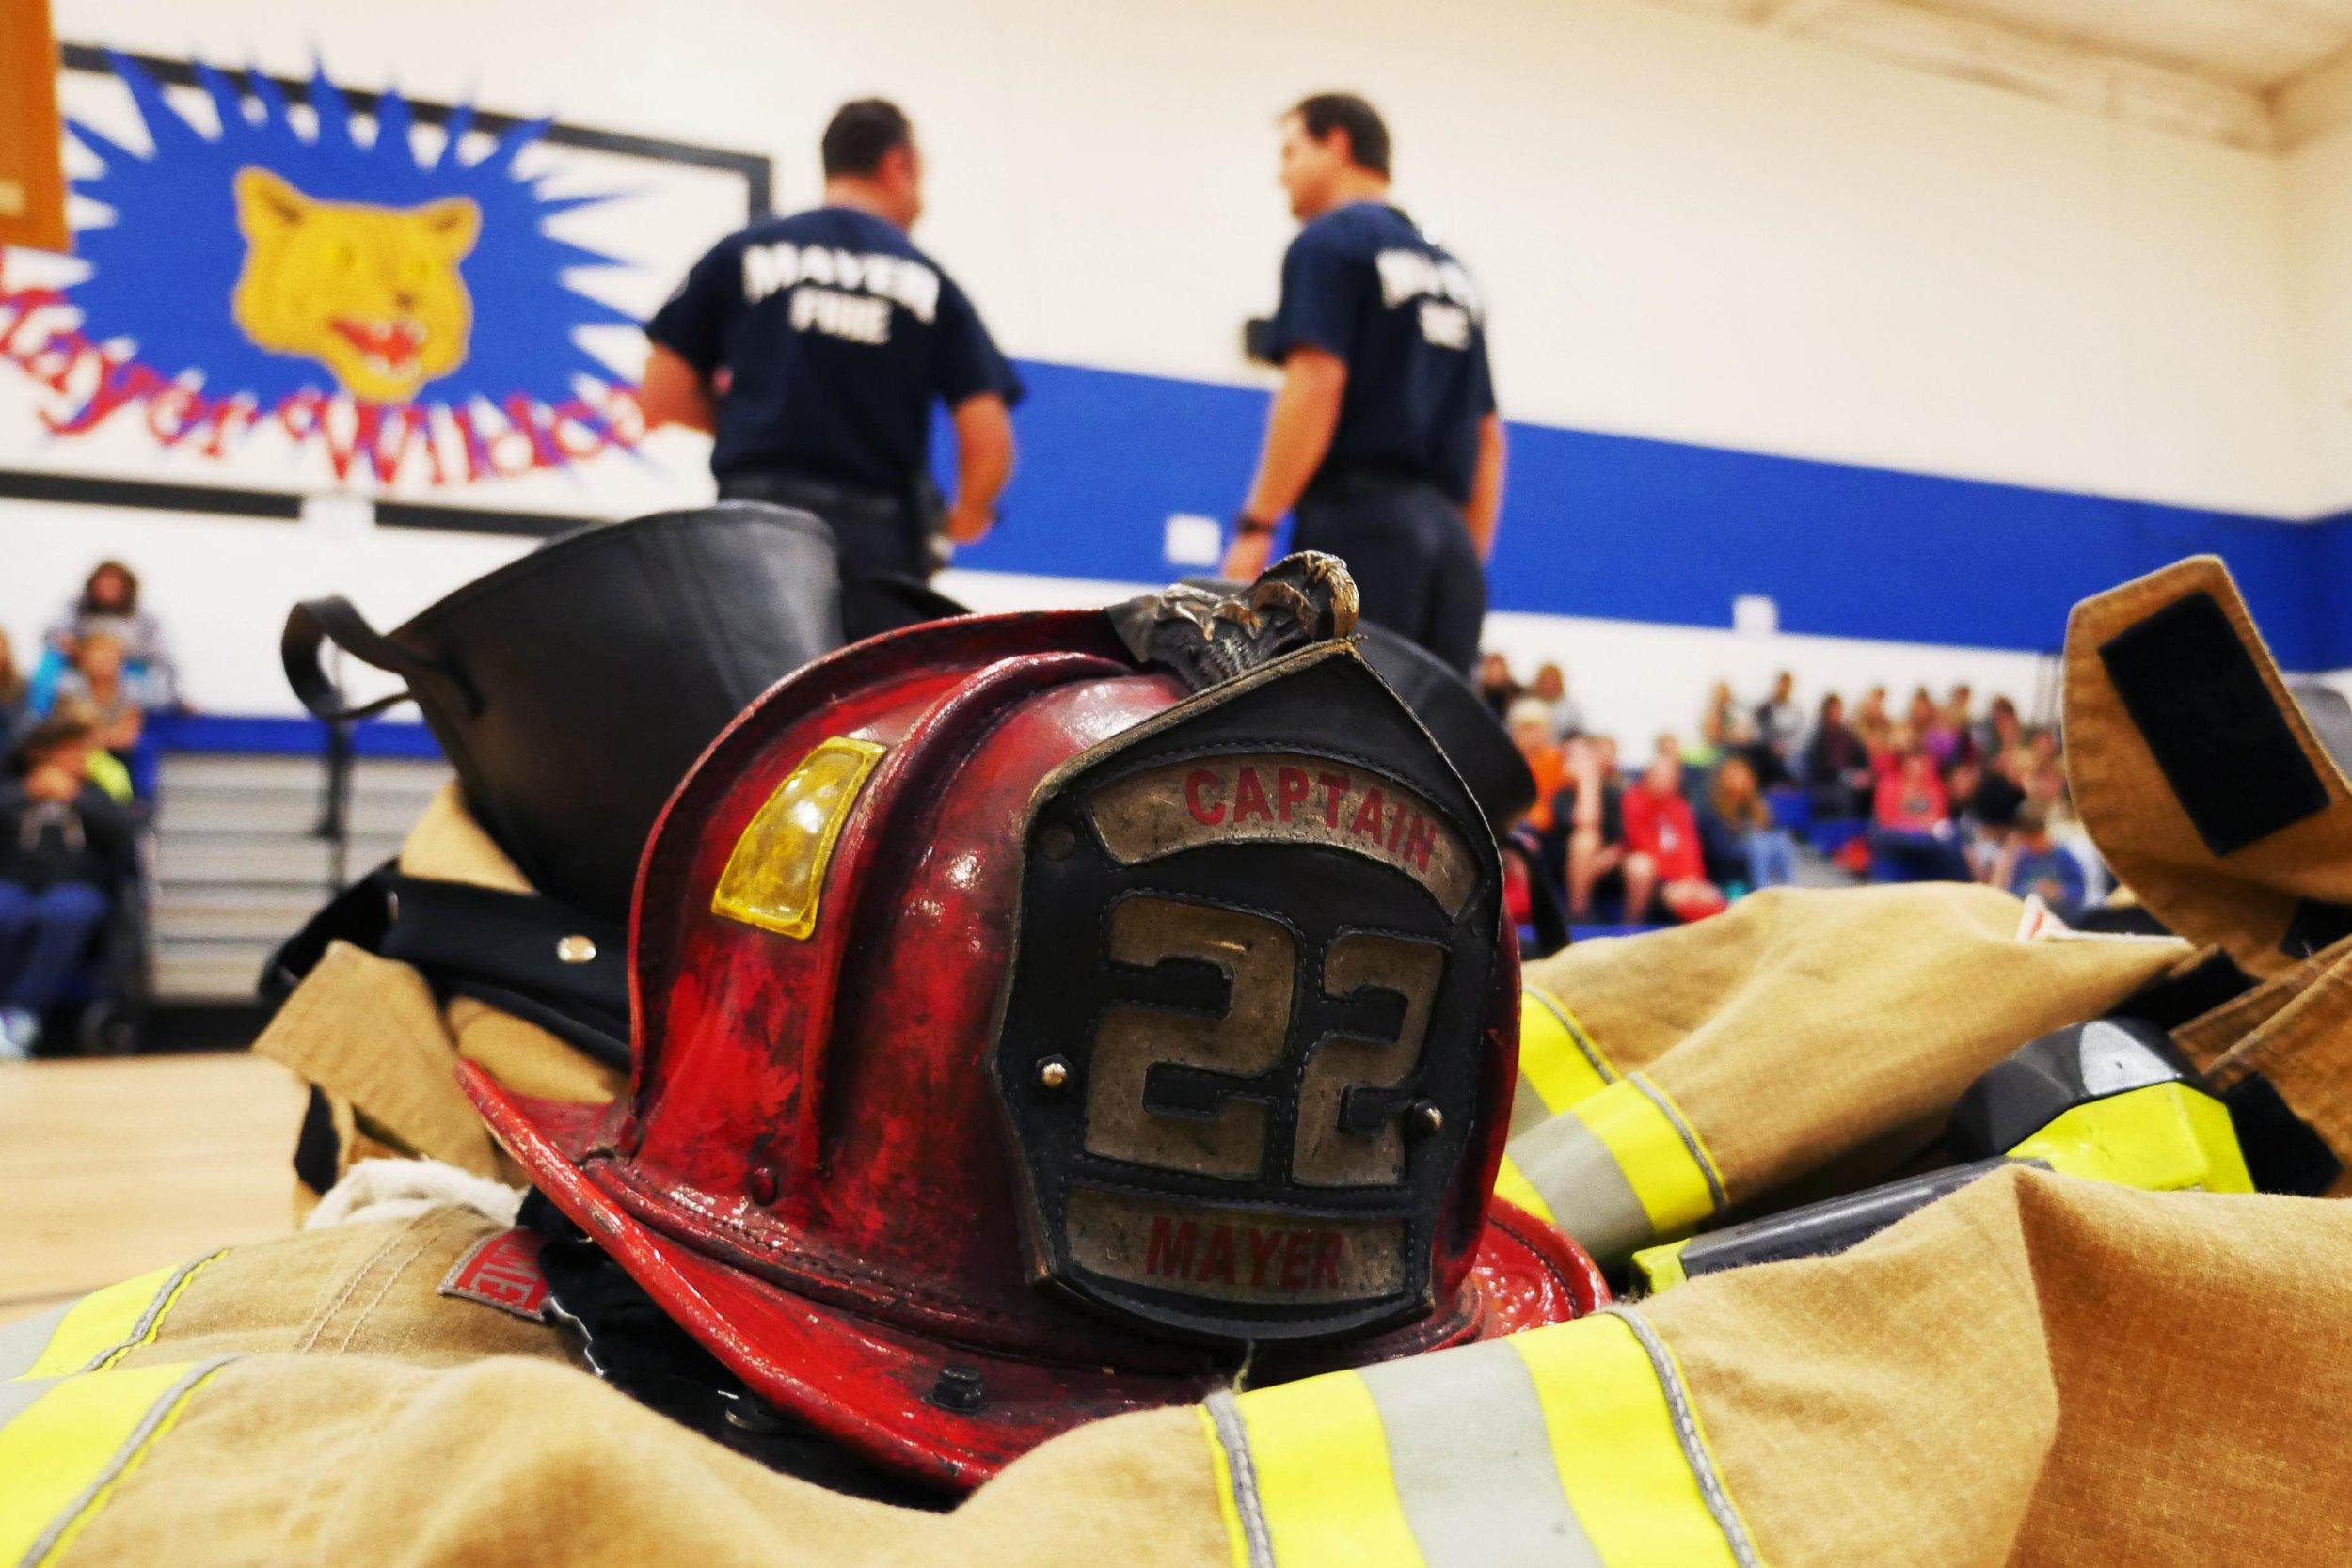 Junior High 10 - Mayer Fire - Fire Prevention 2016.jpg